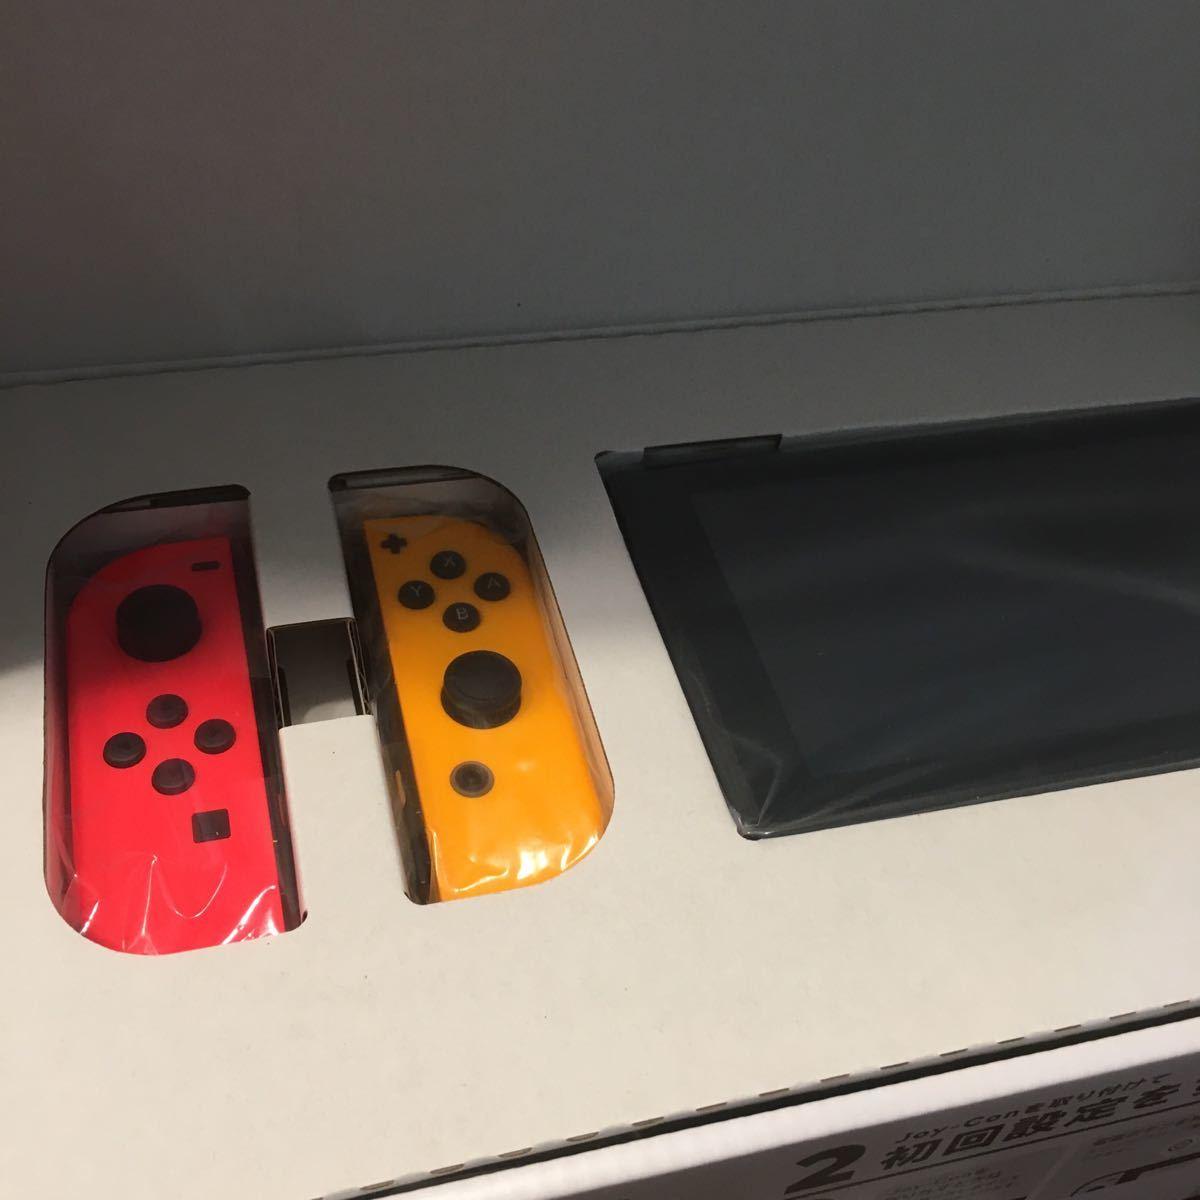 Nintendo Switch ニンテンドースイッチ Switch本体 ネオンレッド ネオンオレンジ 任天堂